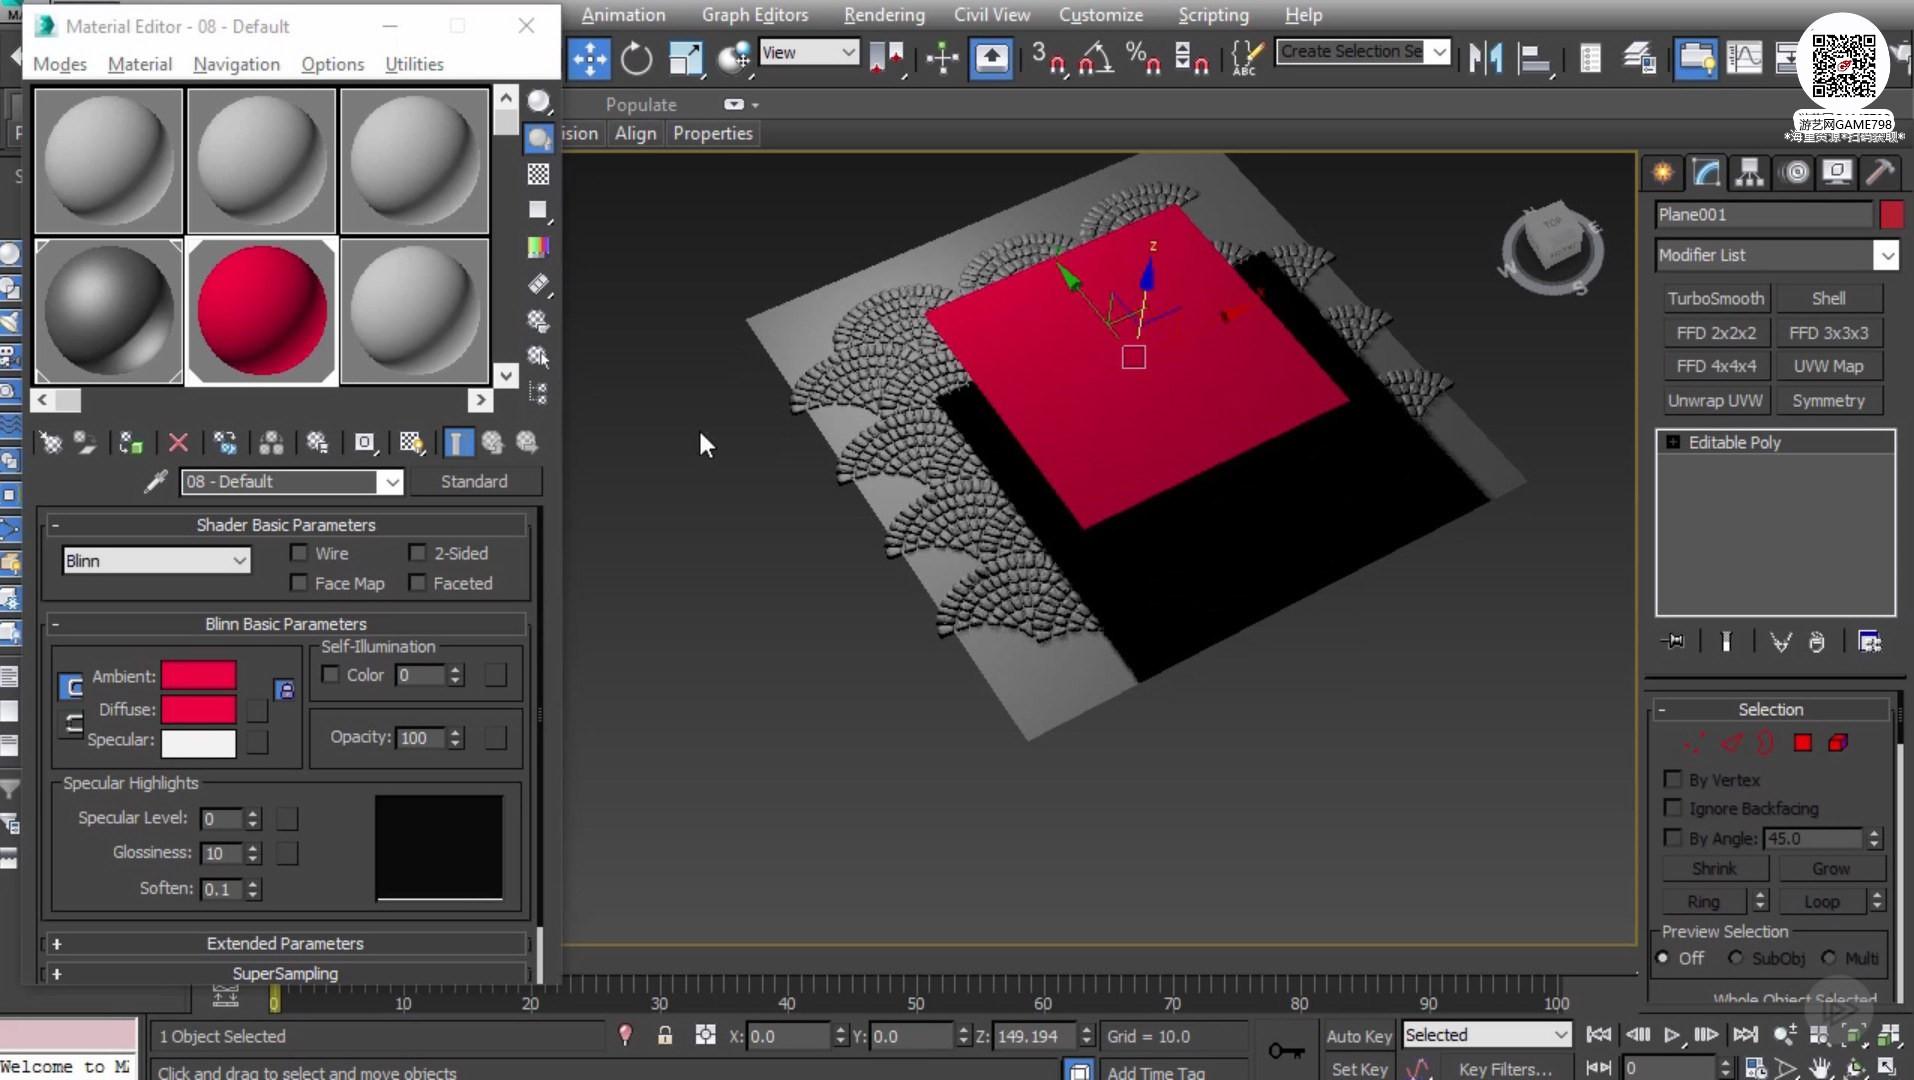 016_关注-游艺网GAME798海量资源下载ZBrush无缝贴图创建教程.jpg